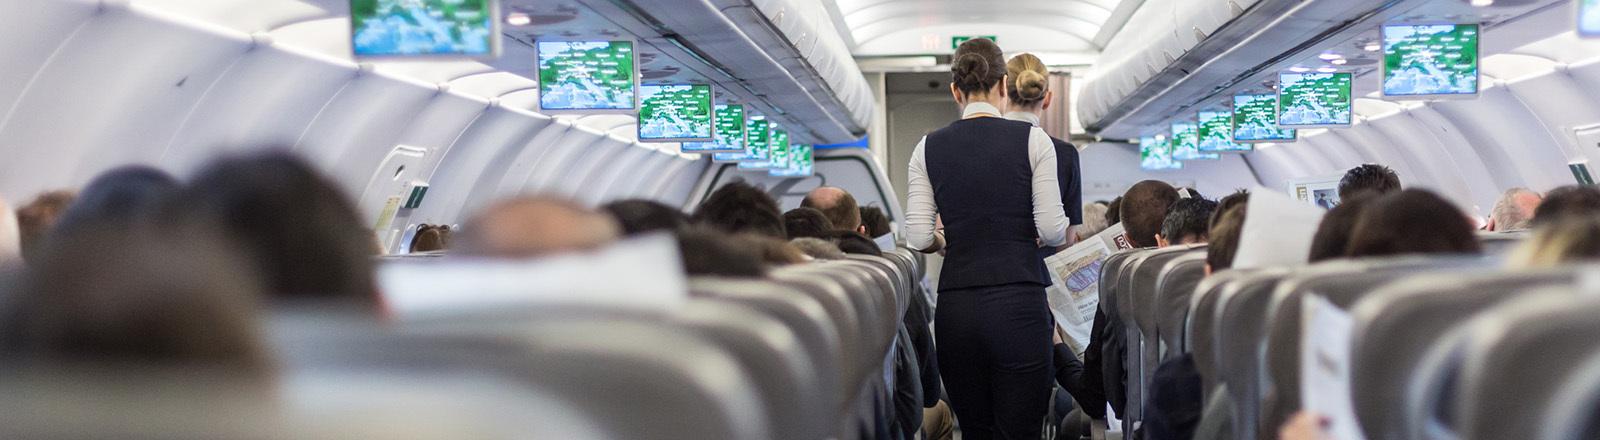 Innenraum eines Verkehrsflugzeuges mit Stewardess, die die Passagiere während des Fluges auf den Sitzen bedient. von kastoimages